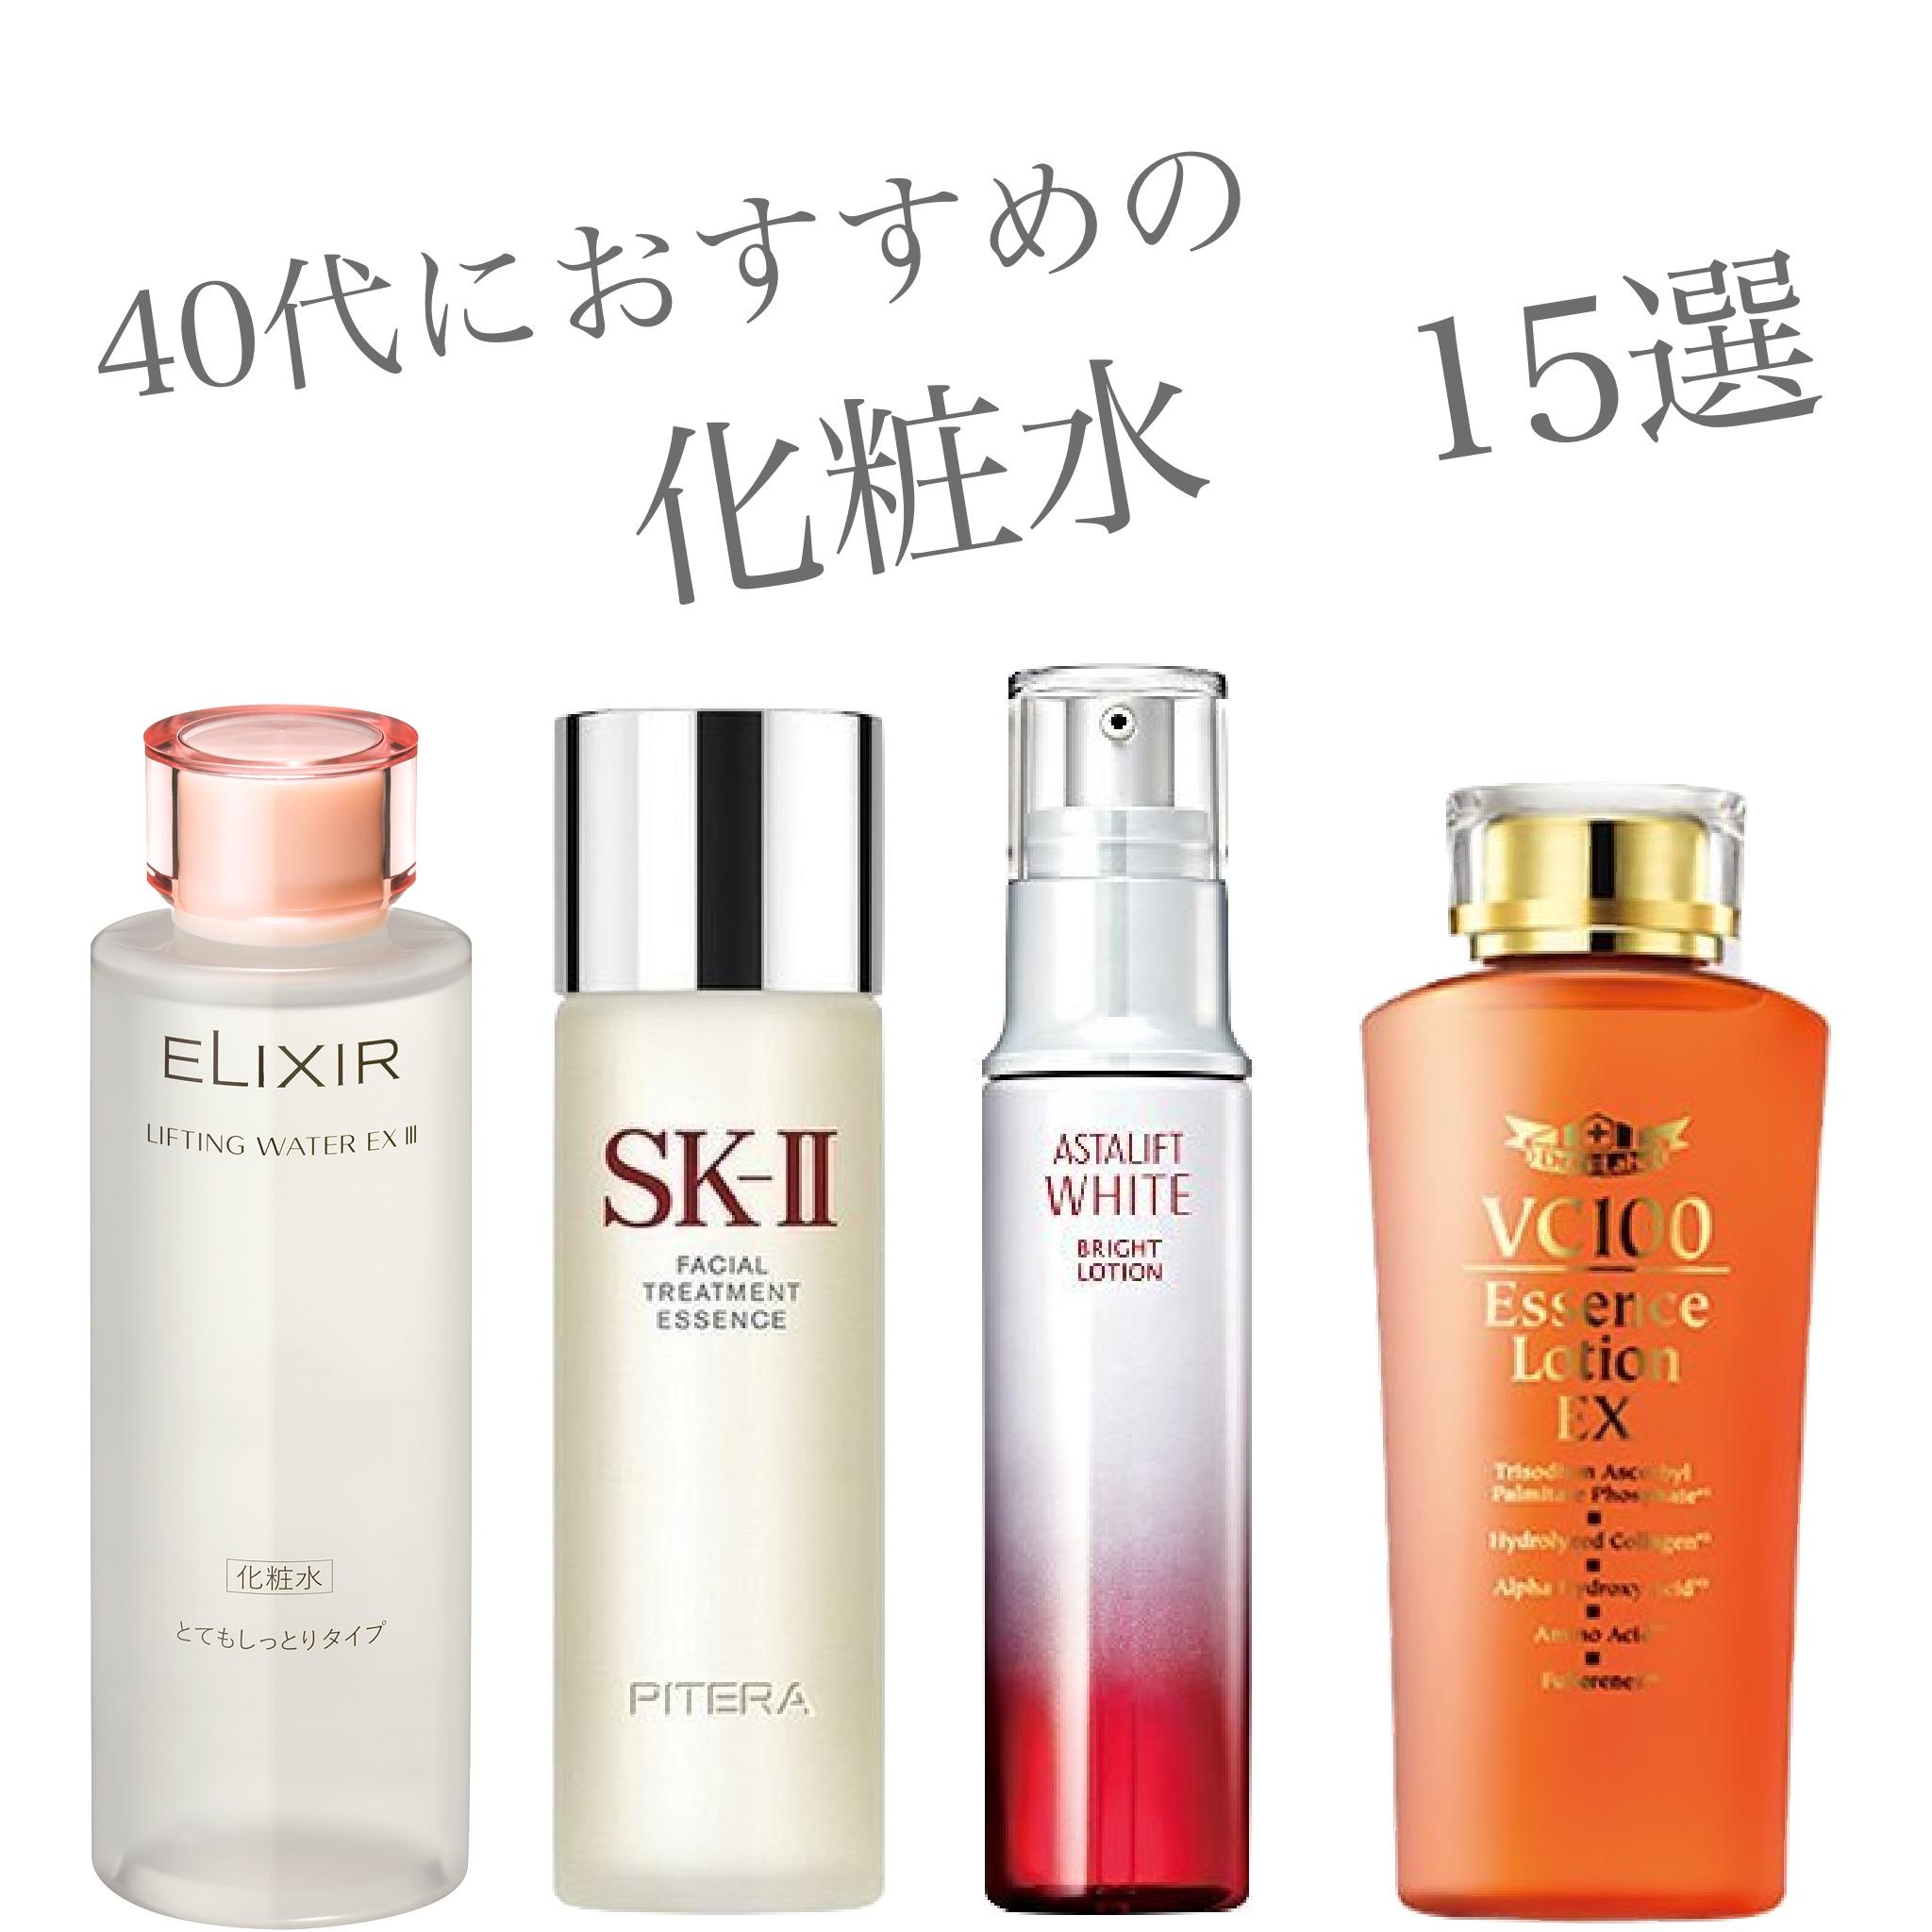 【肌悩み別】40代におすすめの化粧水15選!化粧水の選び方や注意点も紹介の画像